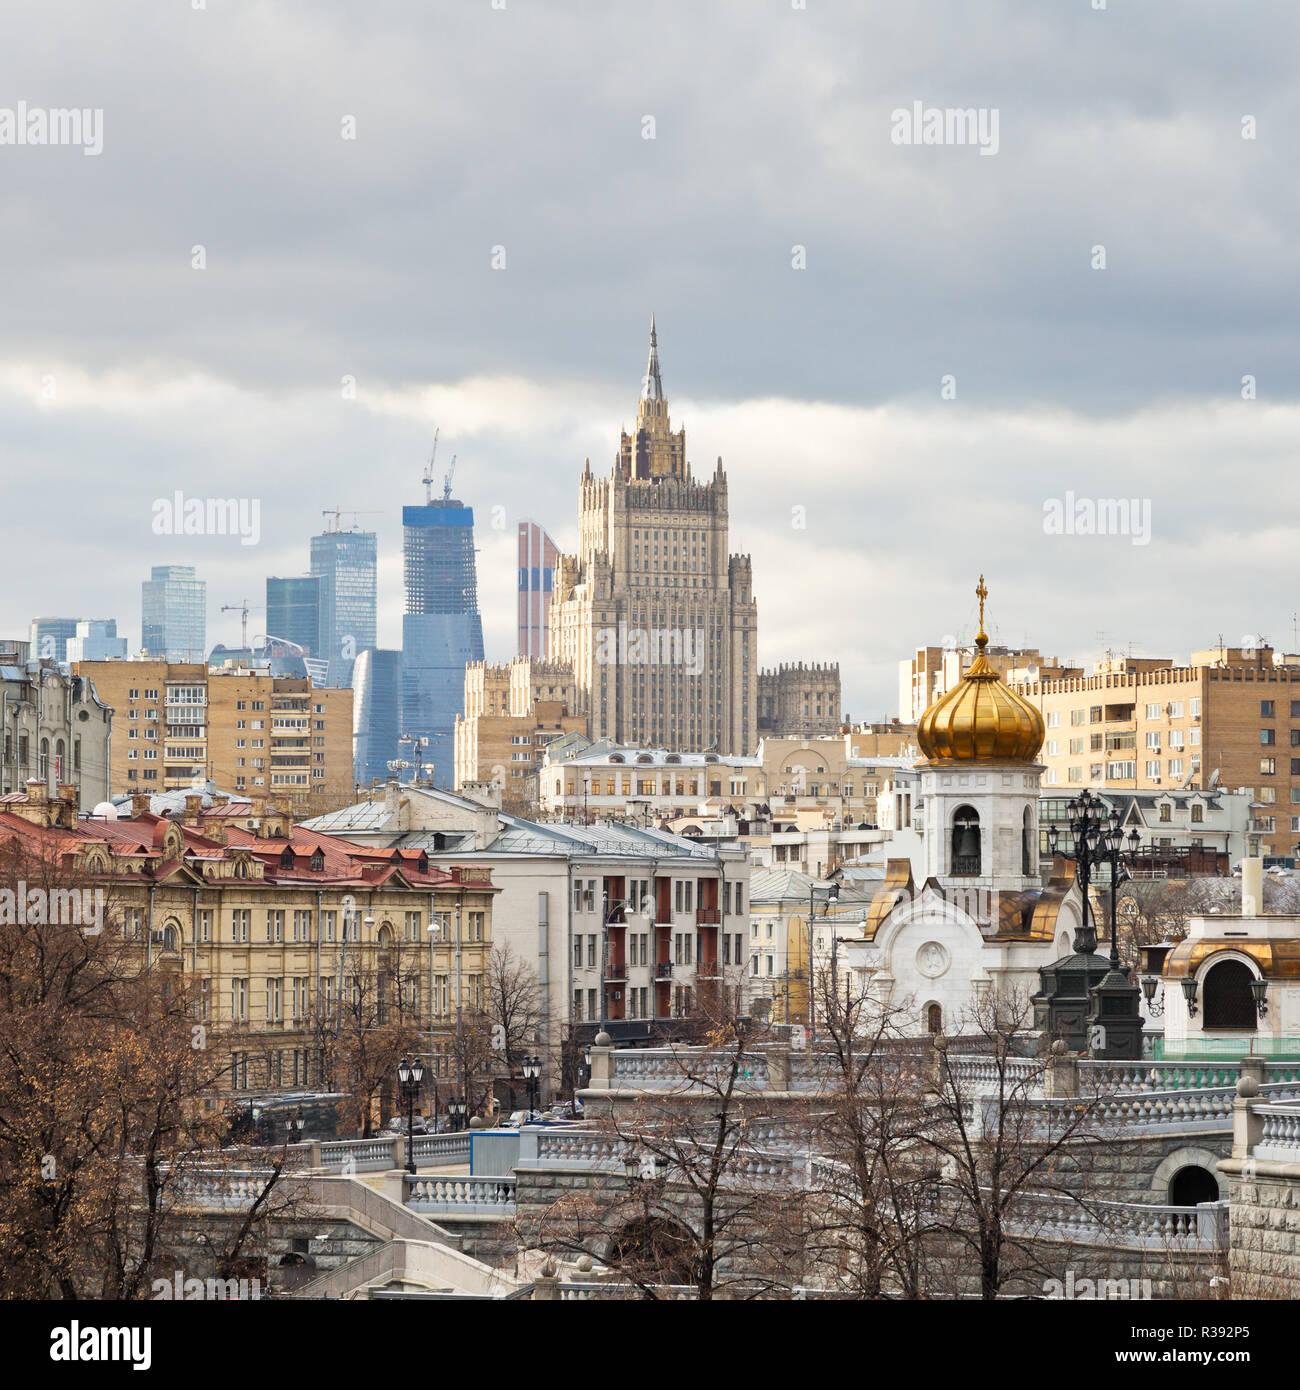 Russland Traditionelles Haus In Mandrogy Dorf Stockfoto: Moskauer Stadtbild Moscow City Gebäude Und Kudrinskaya